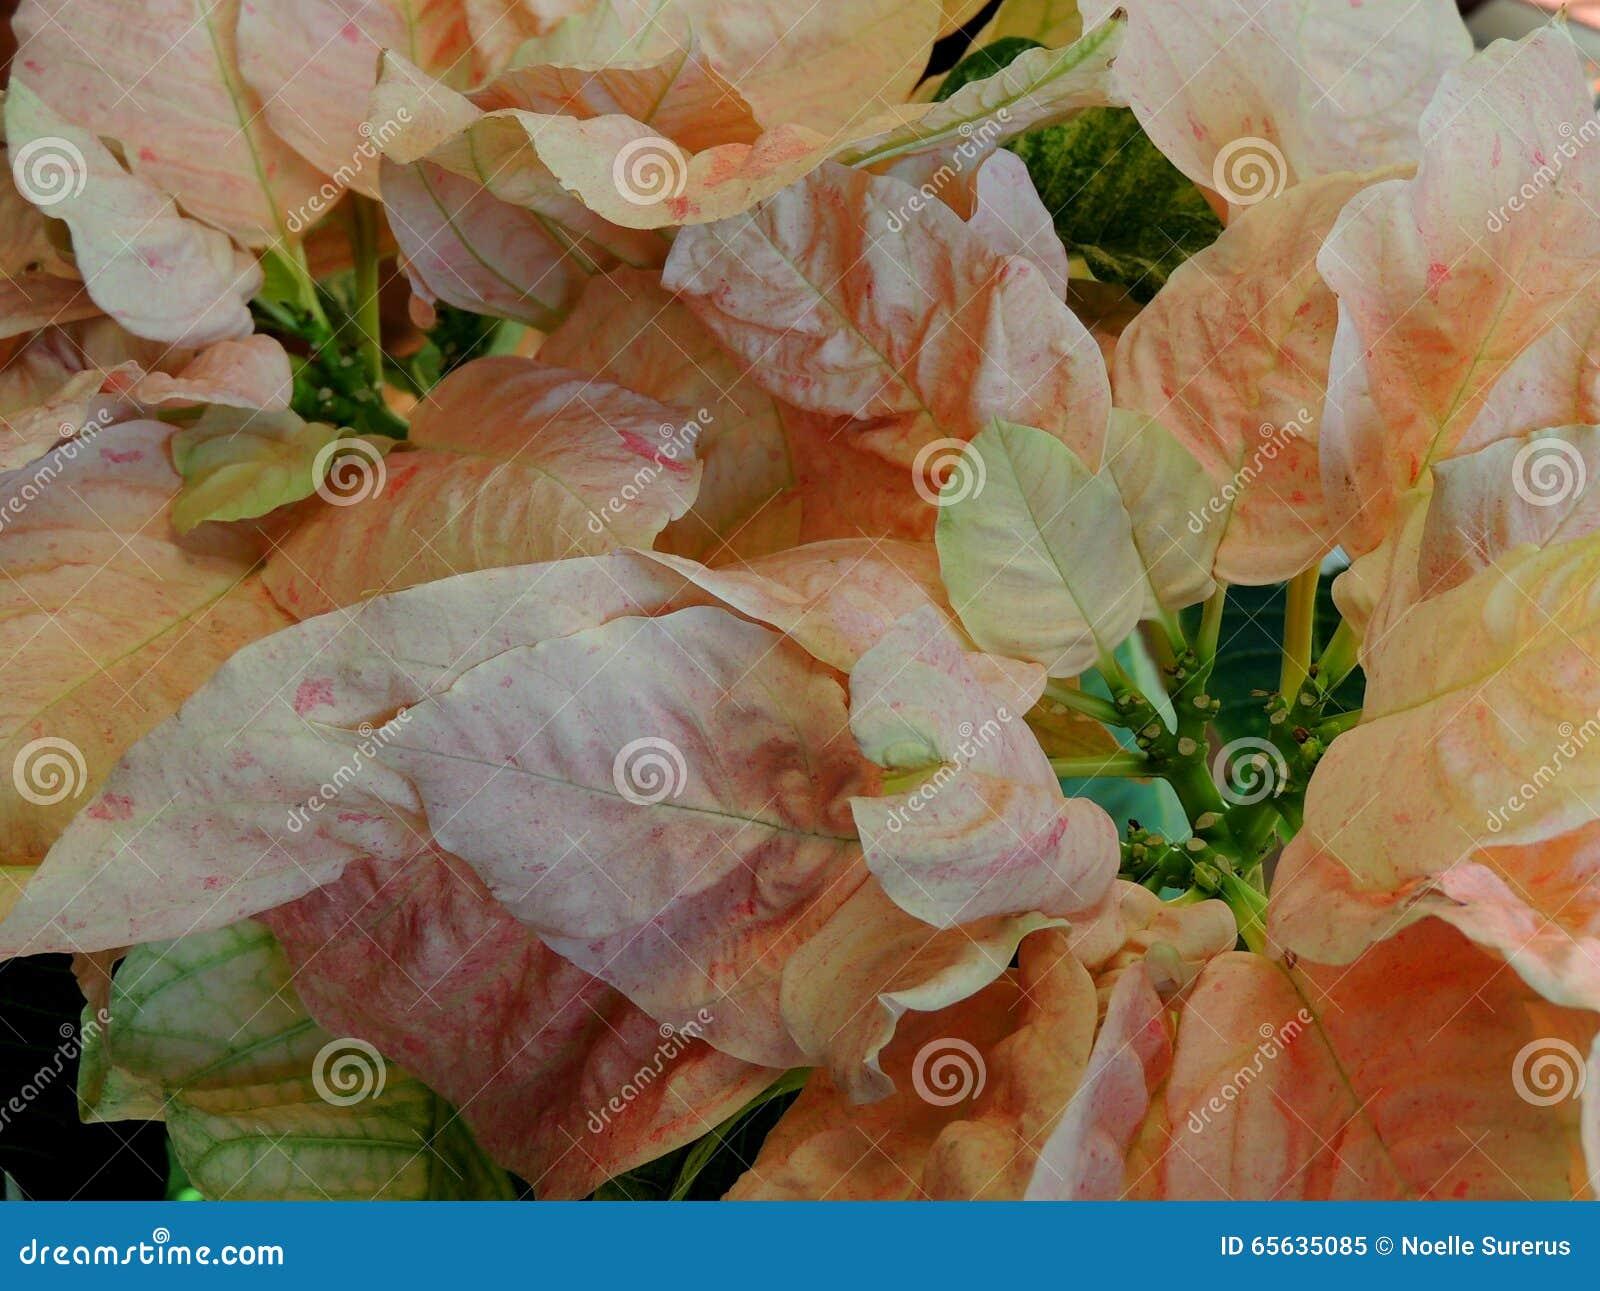 Poinsettia rose